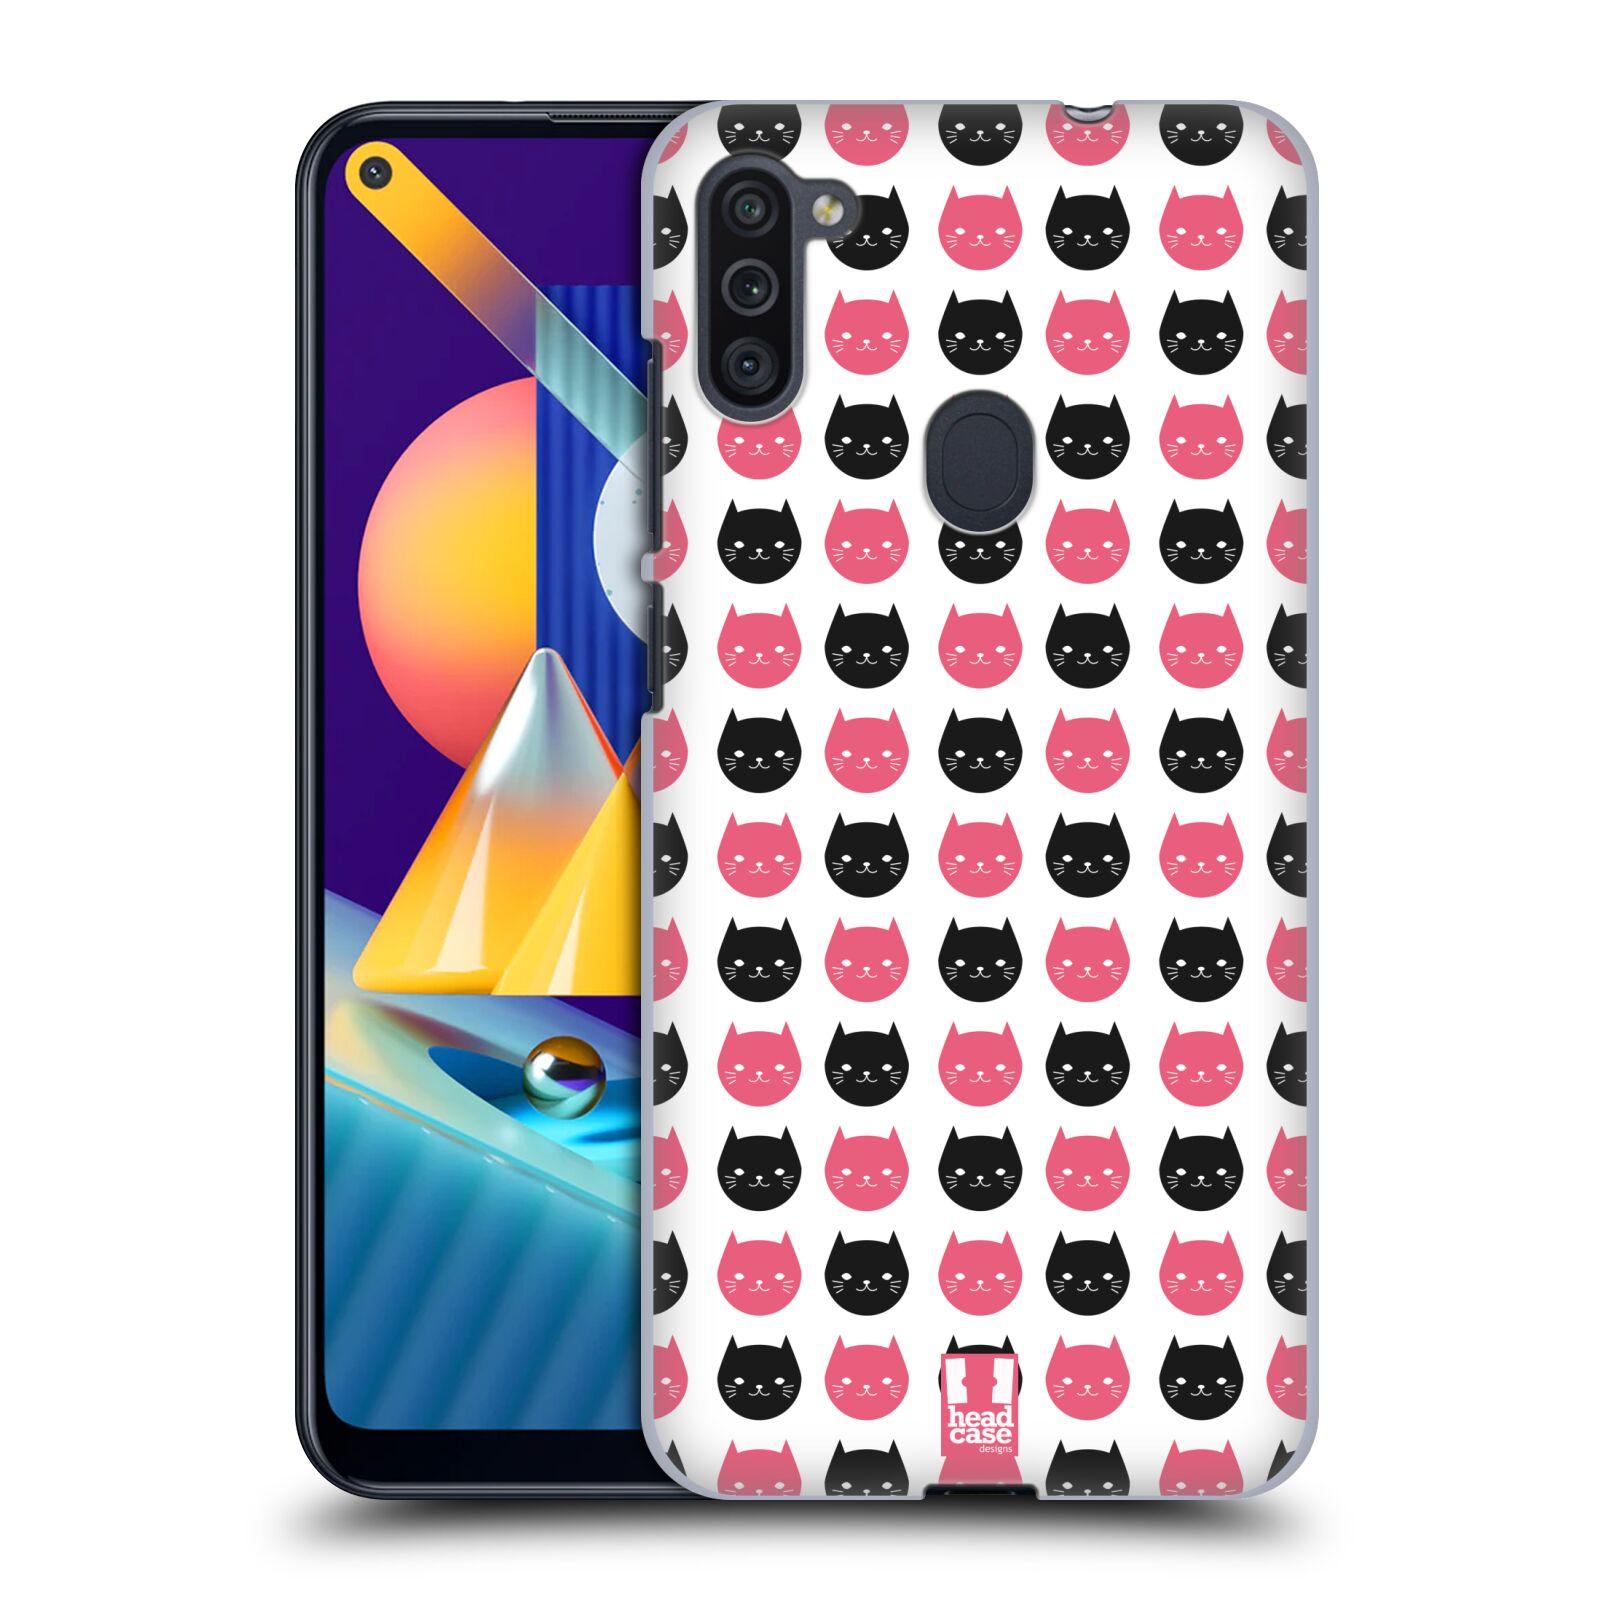 Plastové pouzdro na mobil Samsung Galaxy M11 - Head Case - KOČKY Black and Pink